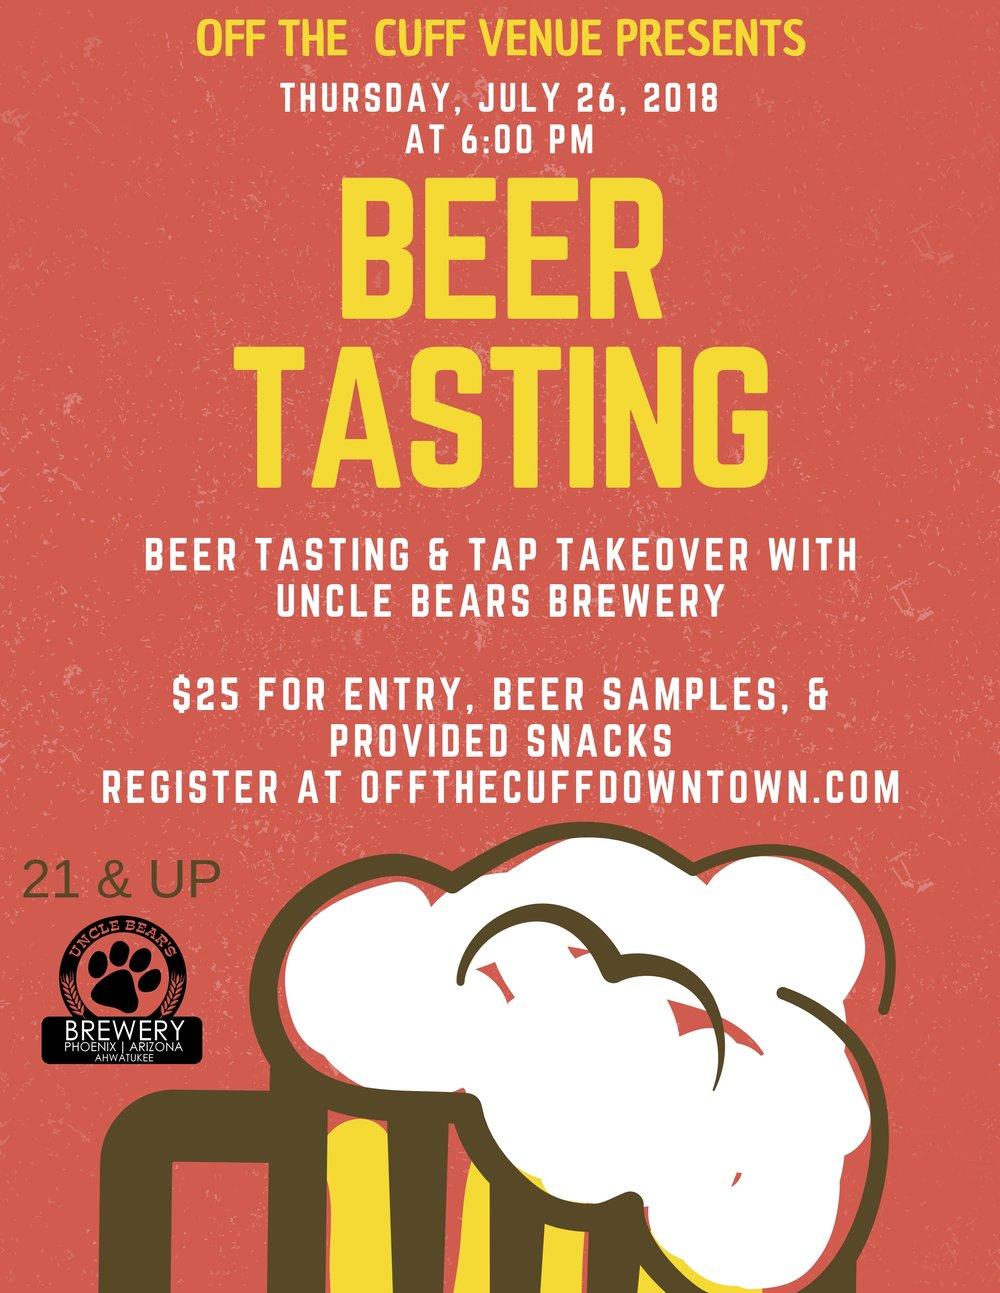 beer tasting flyer.jpg